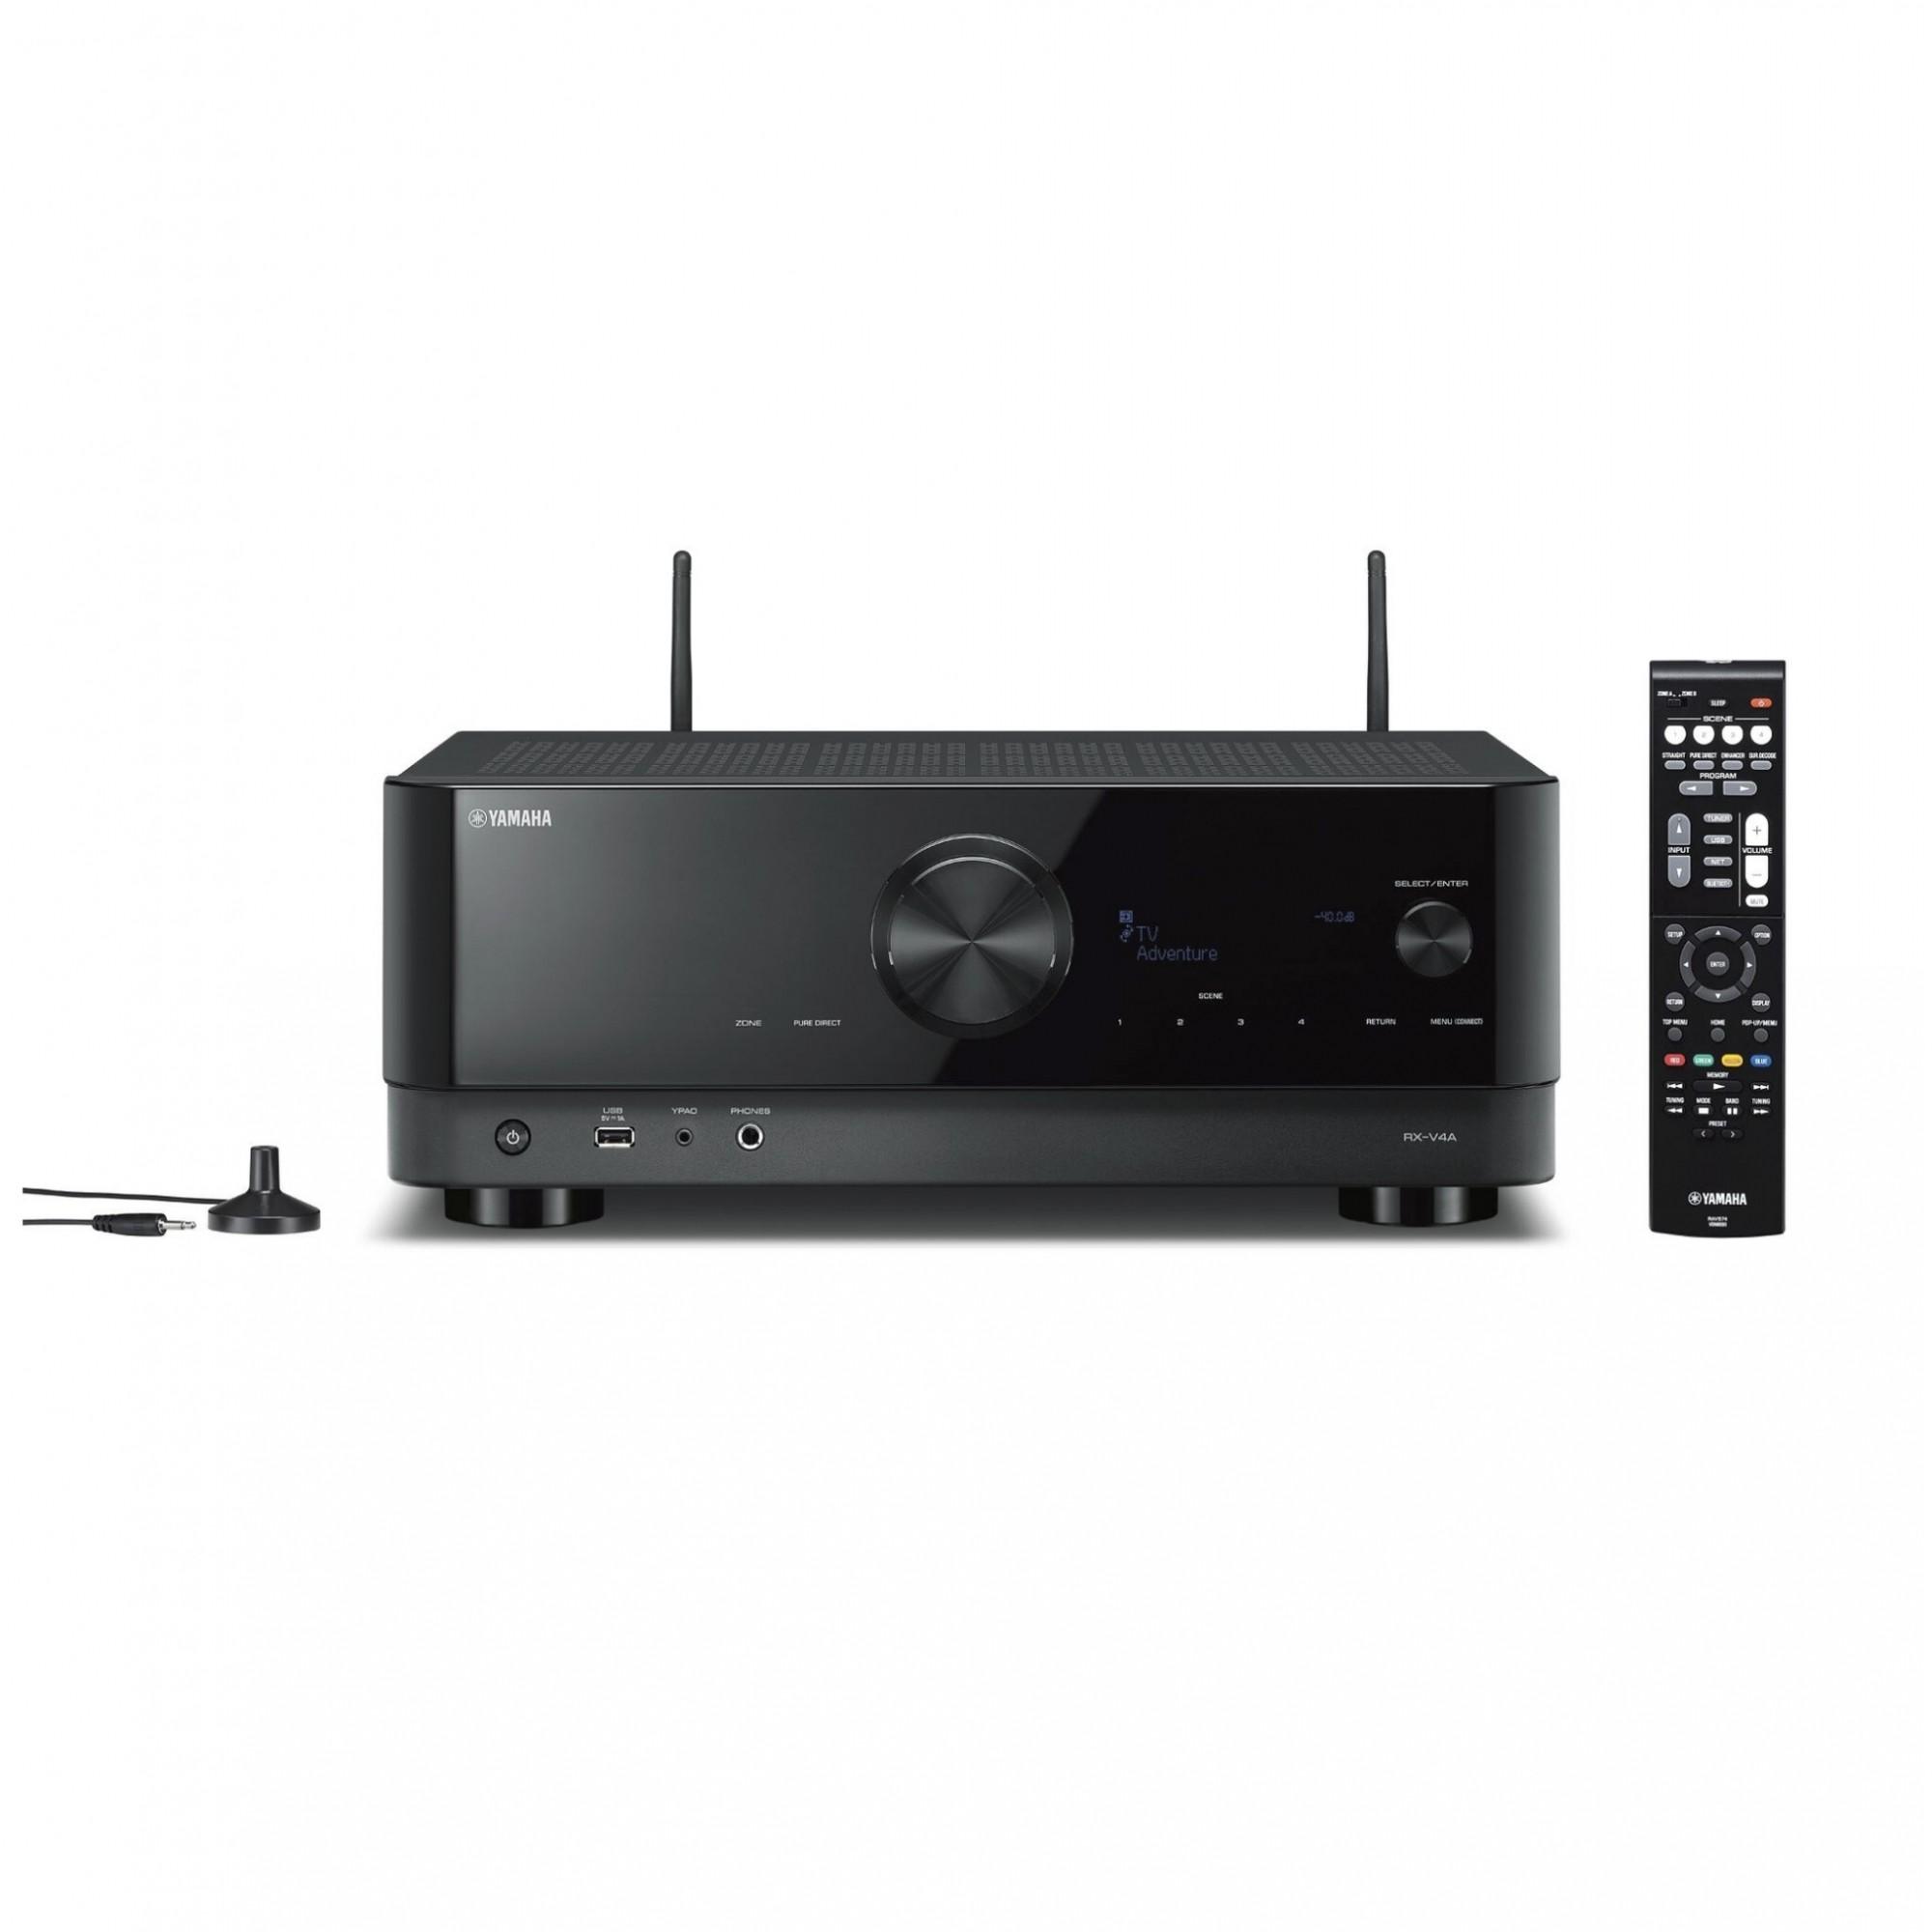 Receiver Yamaha RX-V4A 80w Dolby Vision 5.2 Canais 8K - 220v